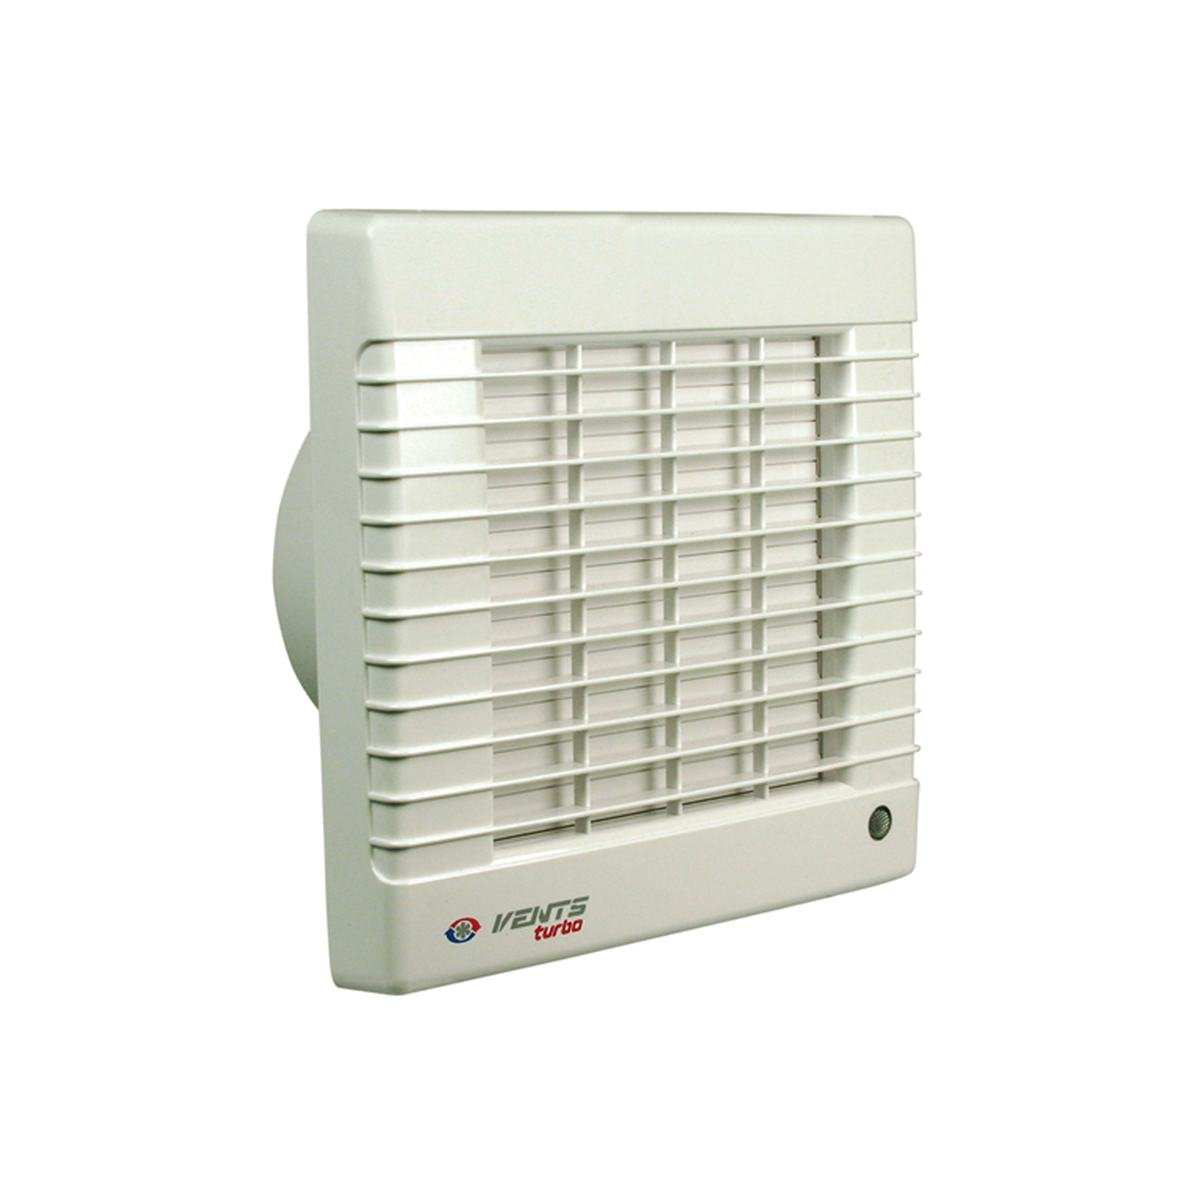 Ventilator med automatisk jalousilukke til Ø100 mm